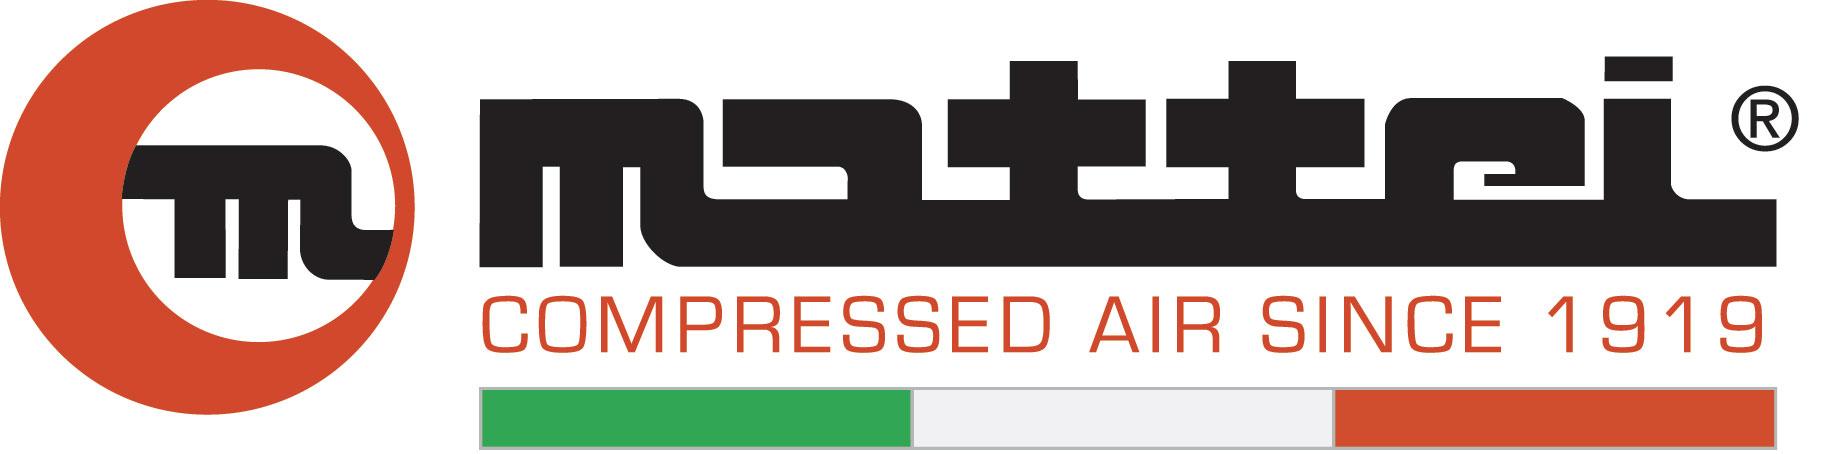 compressori a palette mattei logo